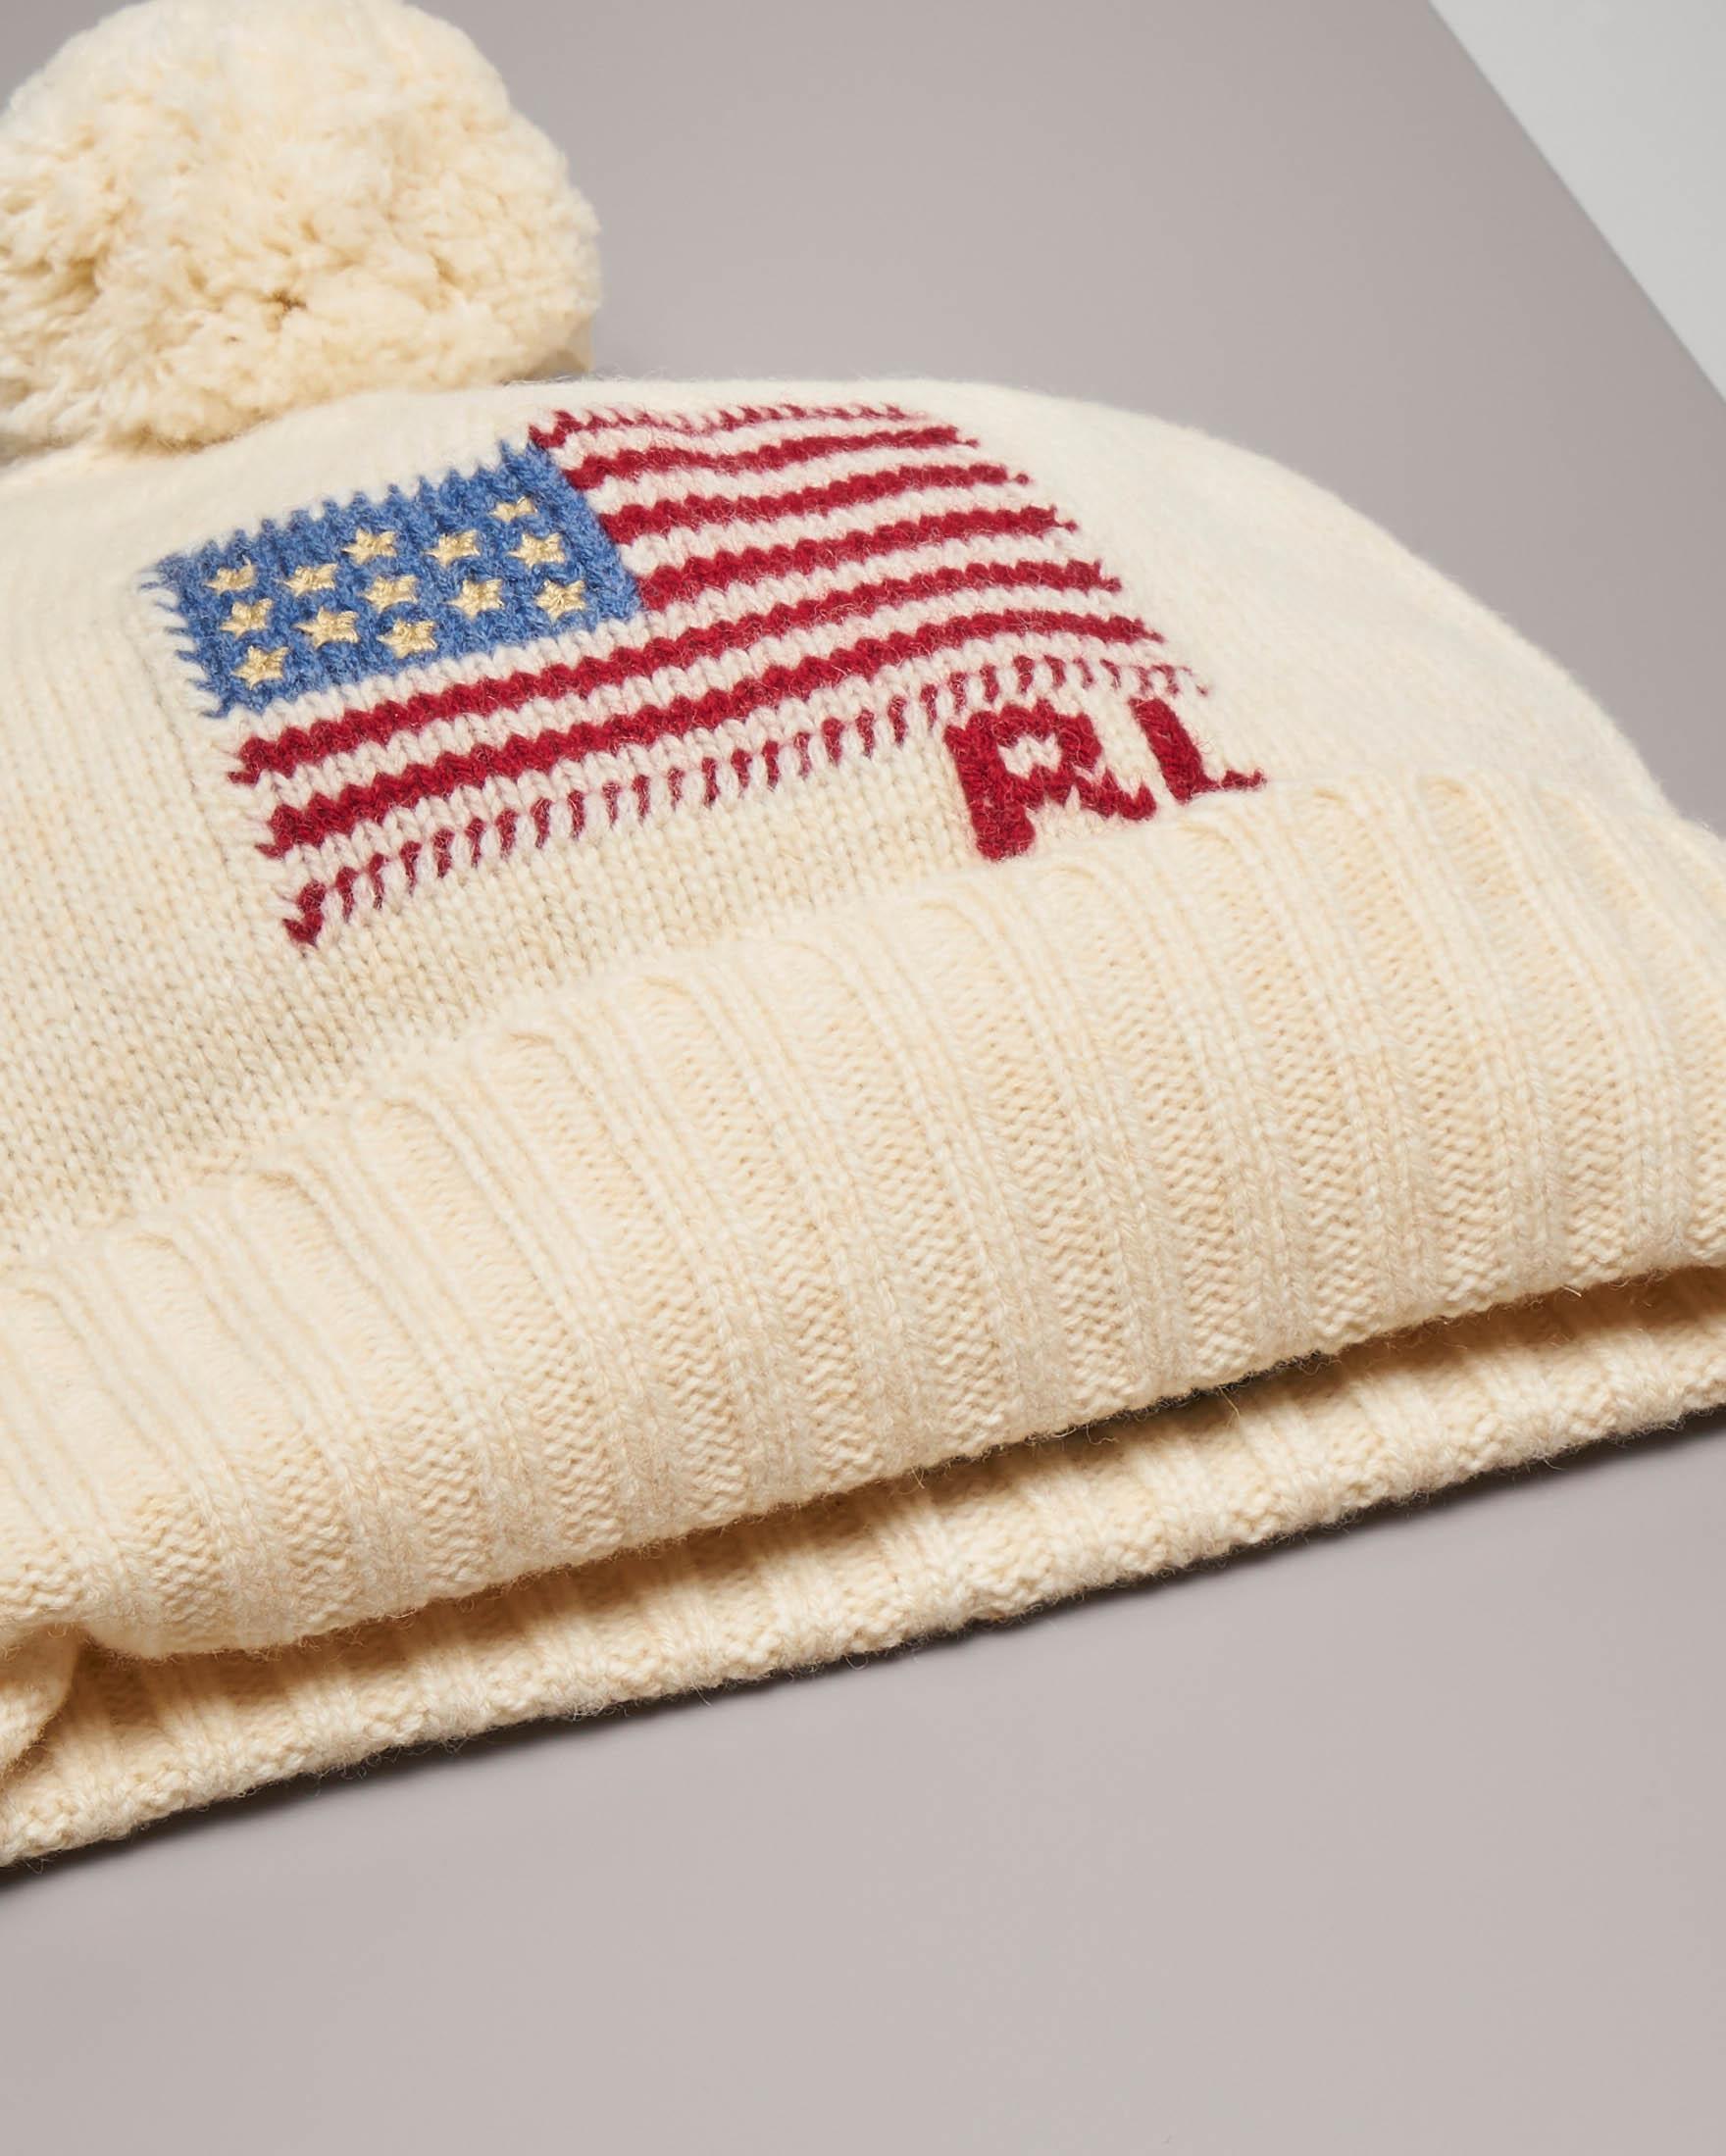 Berretto color avorio con bandiera jacquard e pon pon tono su tono